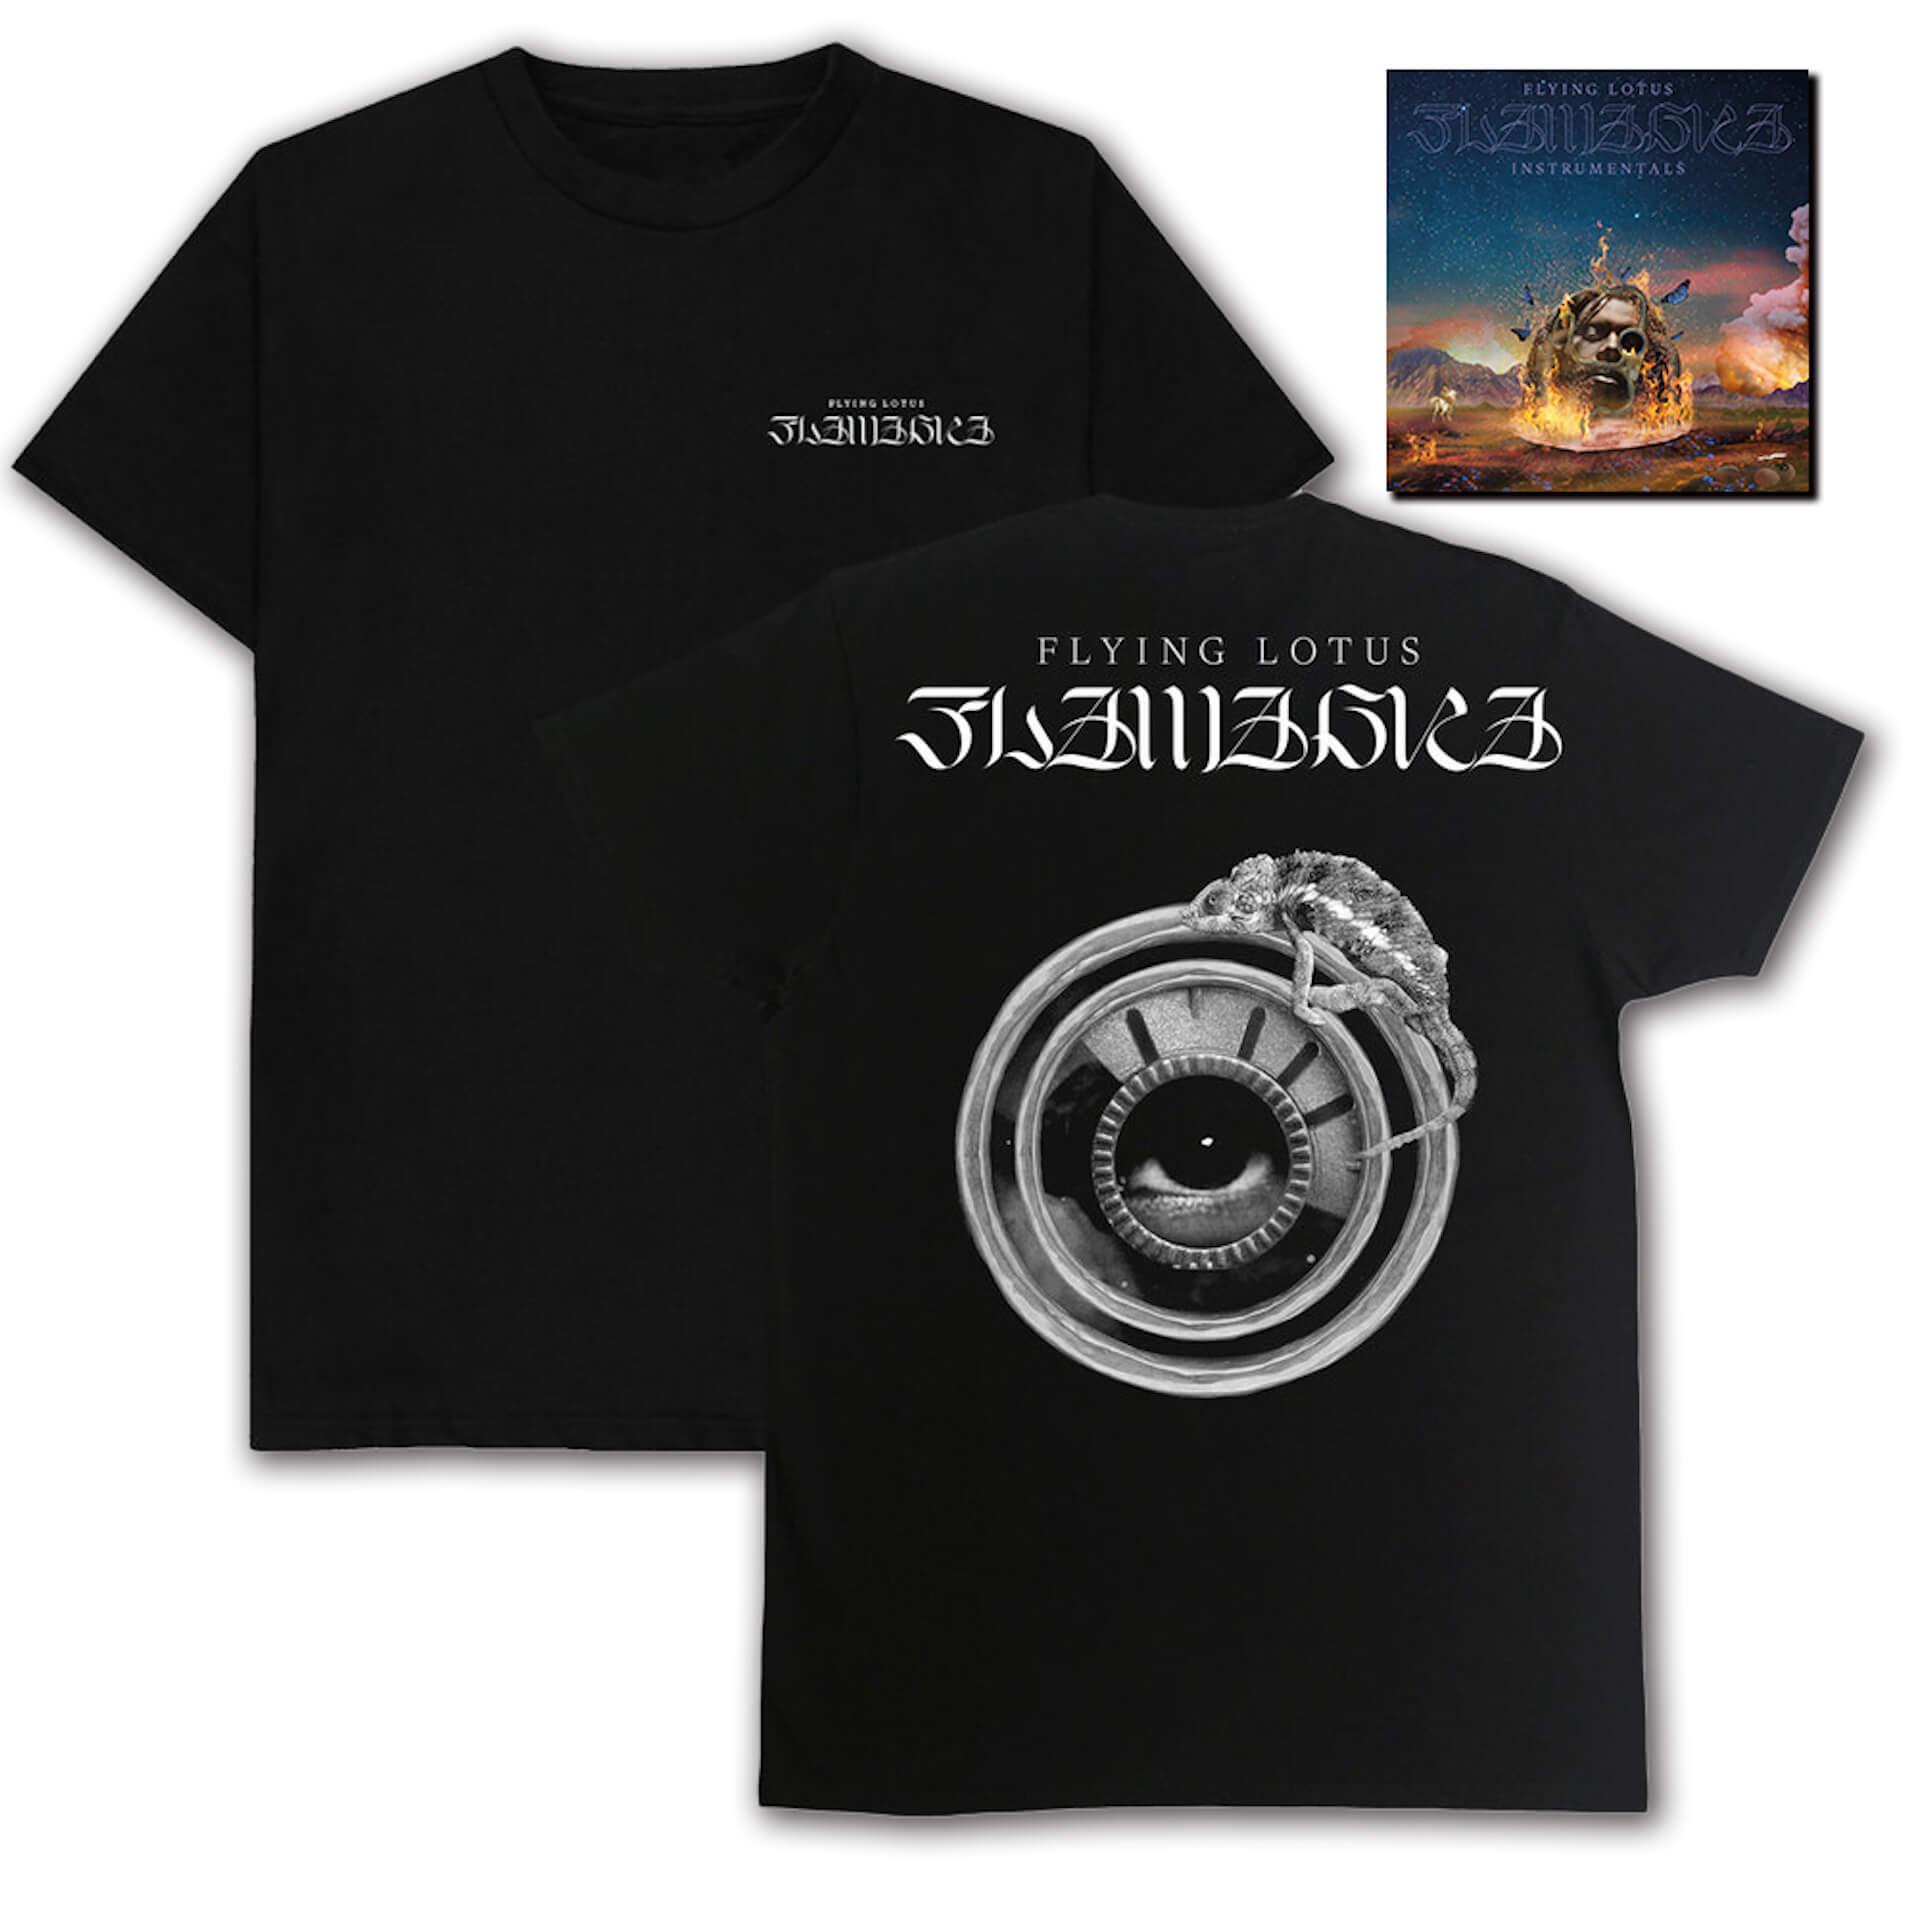 Flying Lotus『Flamagra』リリースから1年を経てインストゥルメンタル盤が発売決定!人気ロングTシャツやパーカーも復刻 music200428_flying_lotus_04